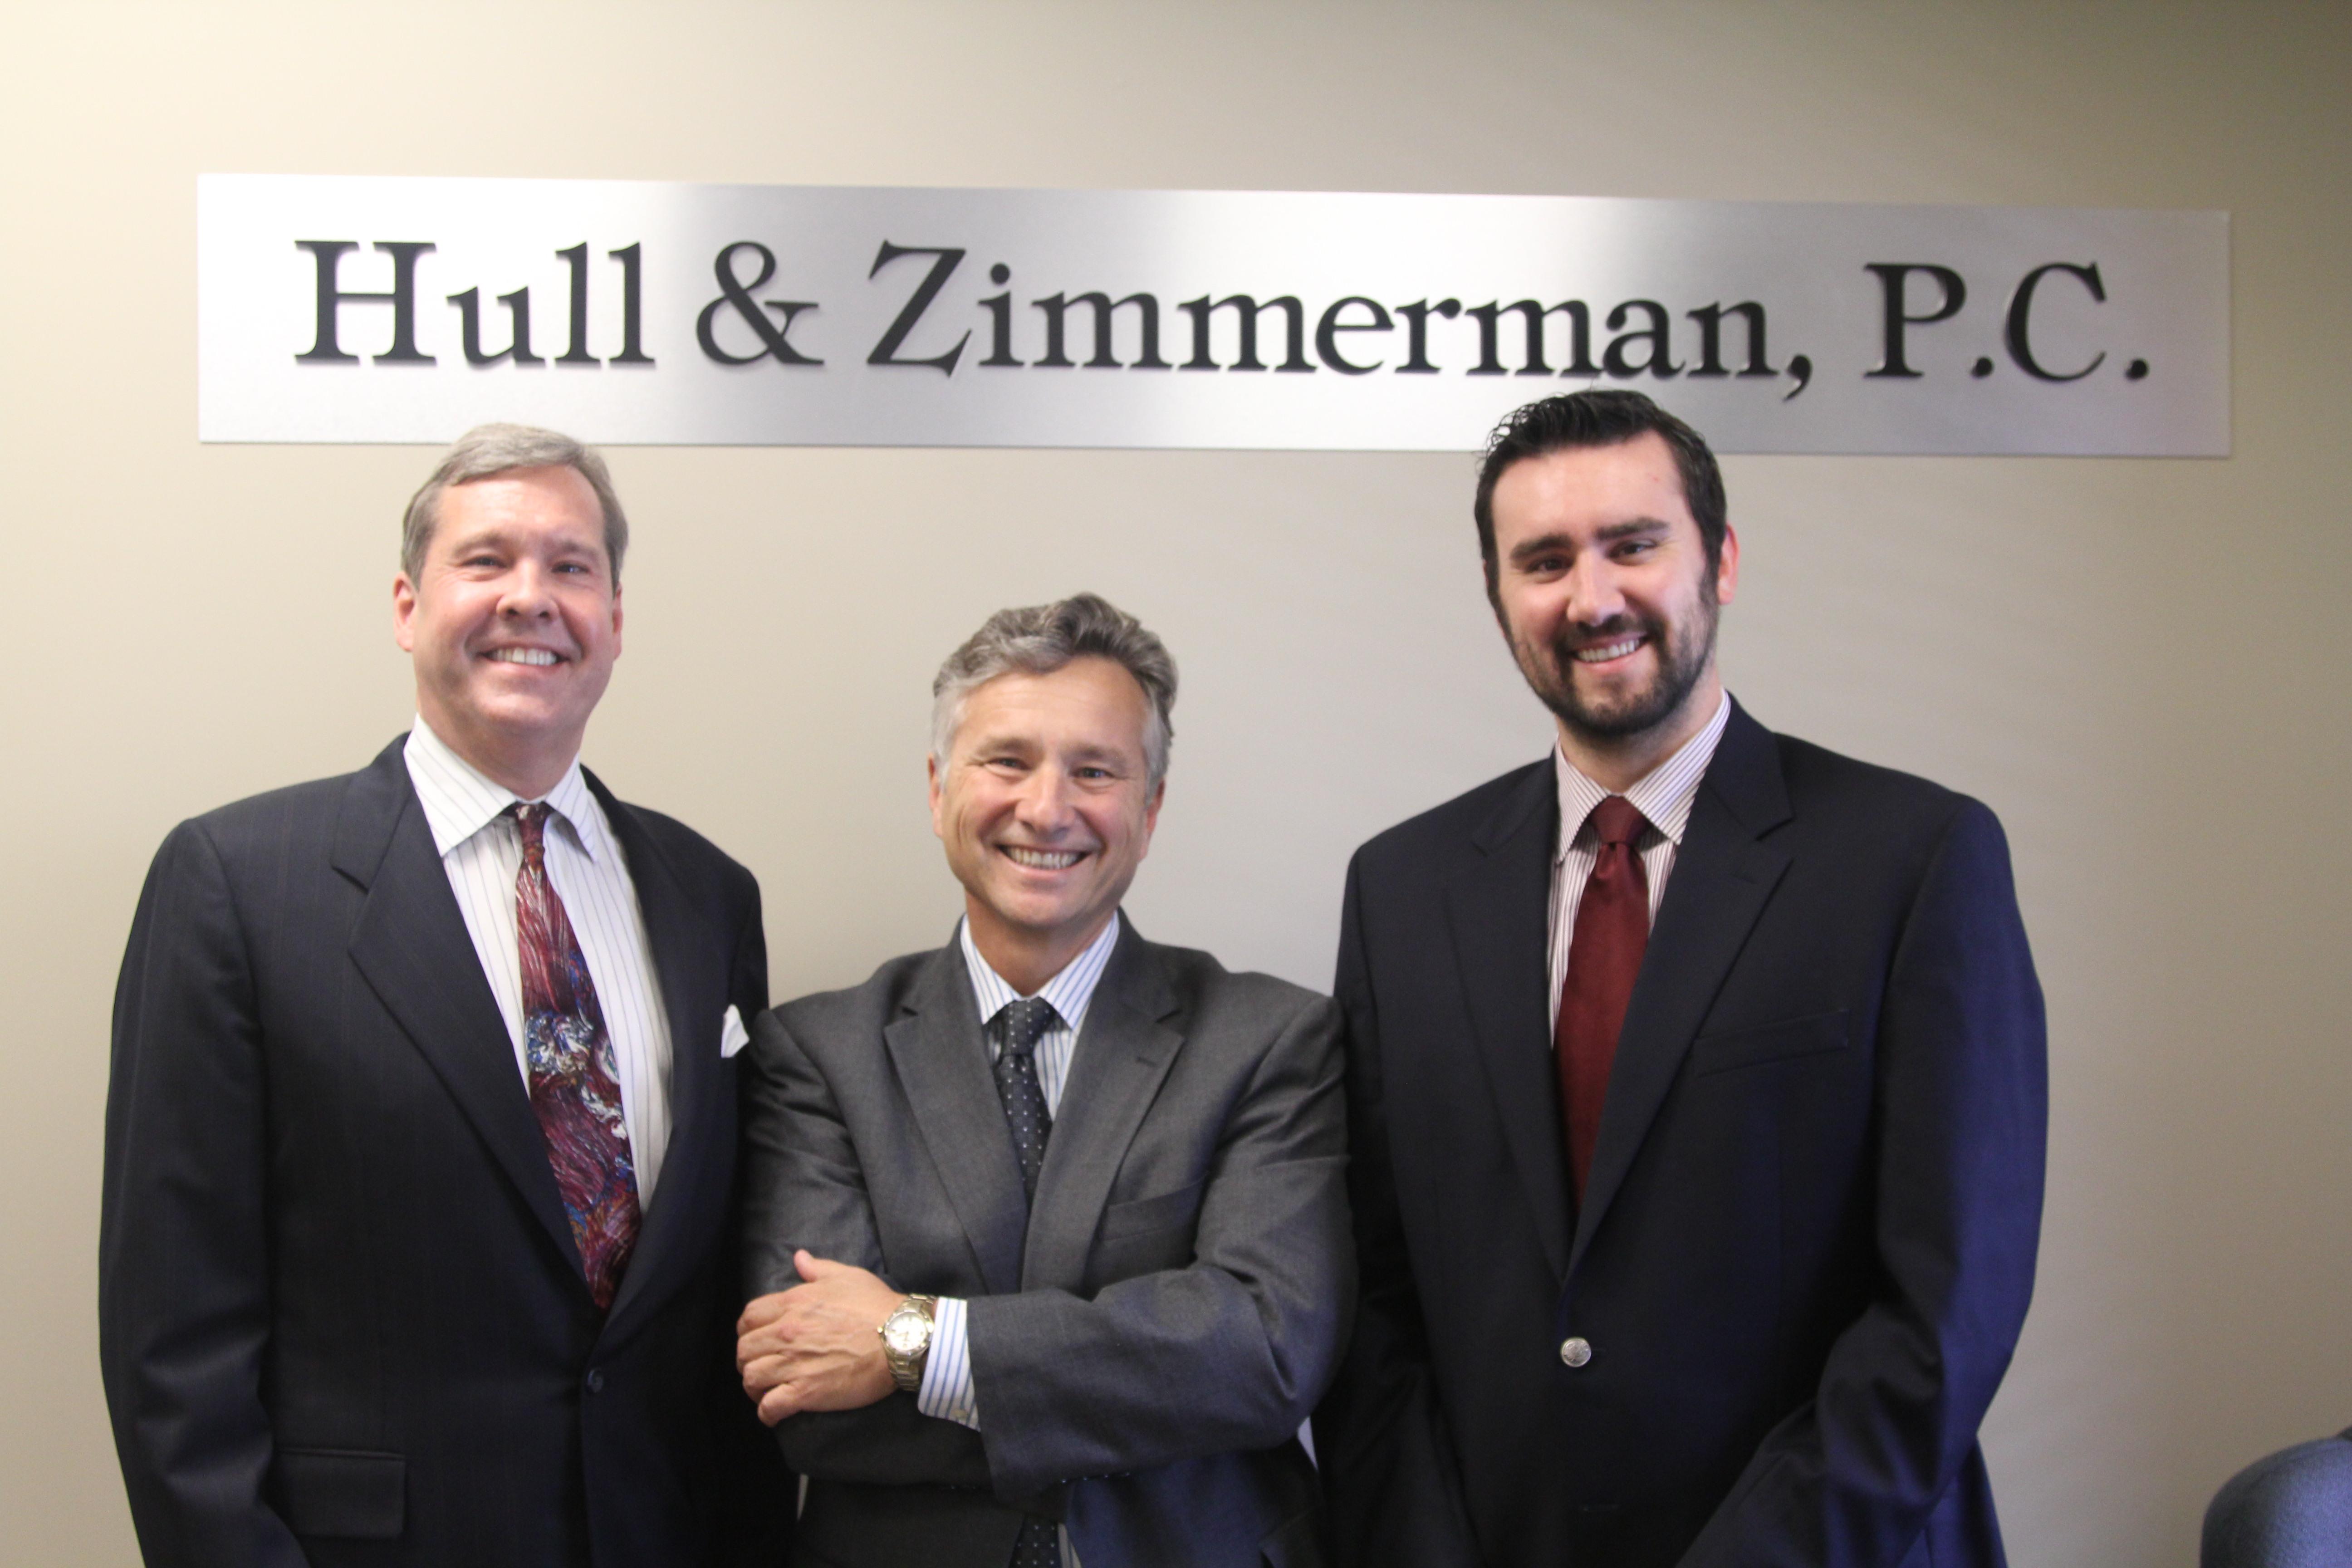 Hull & Zimmerman, P.C.